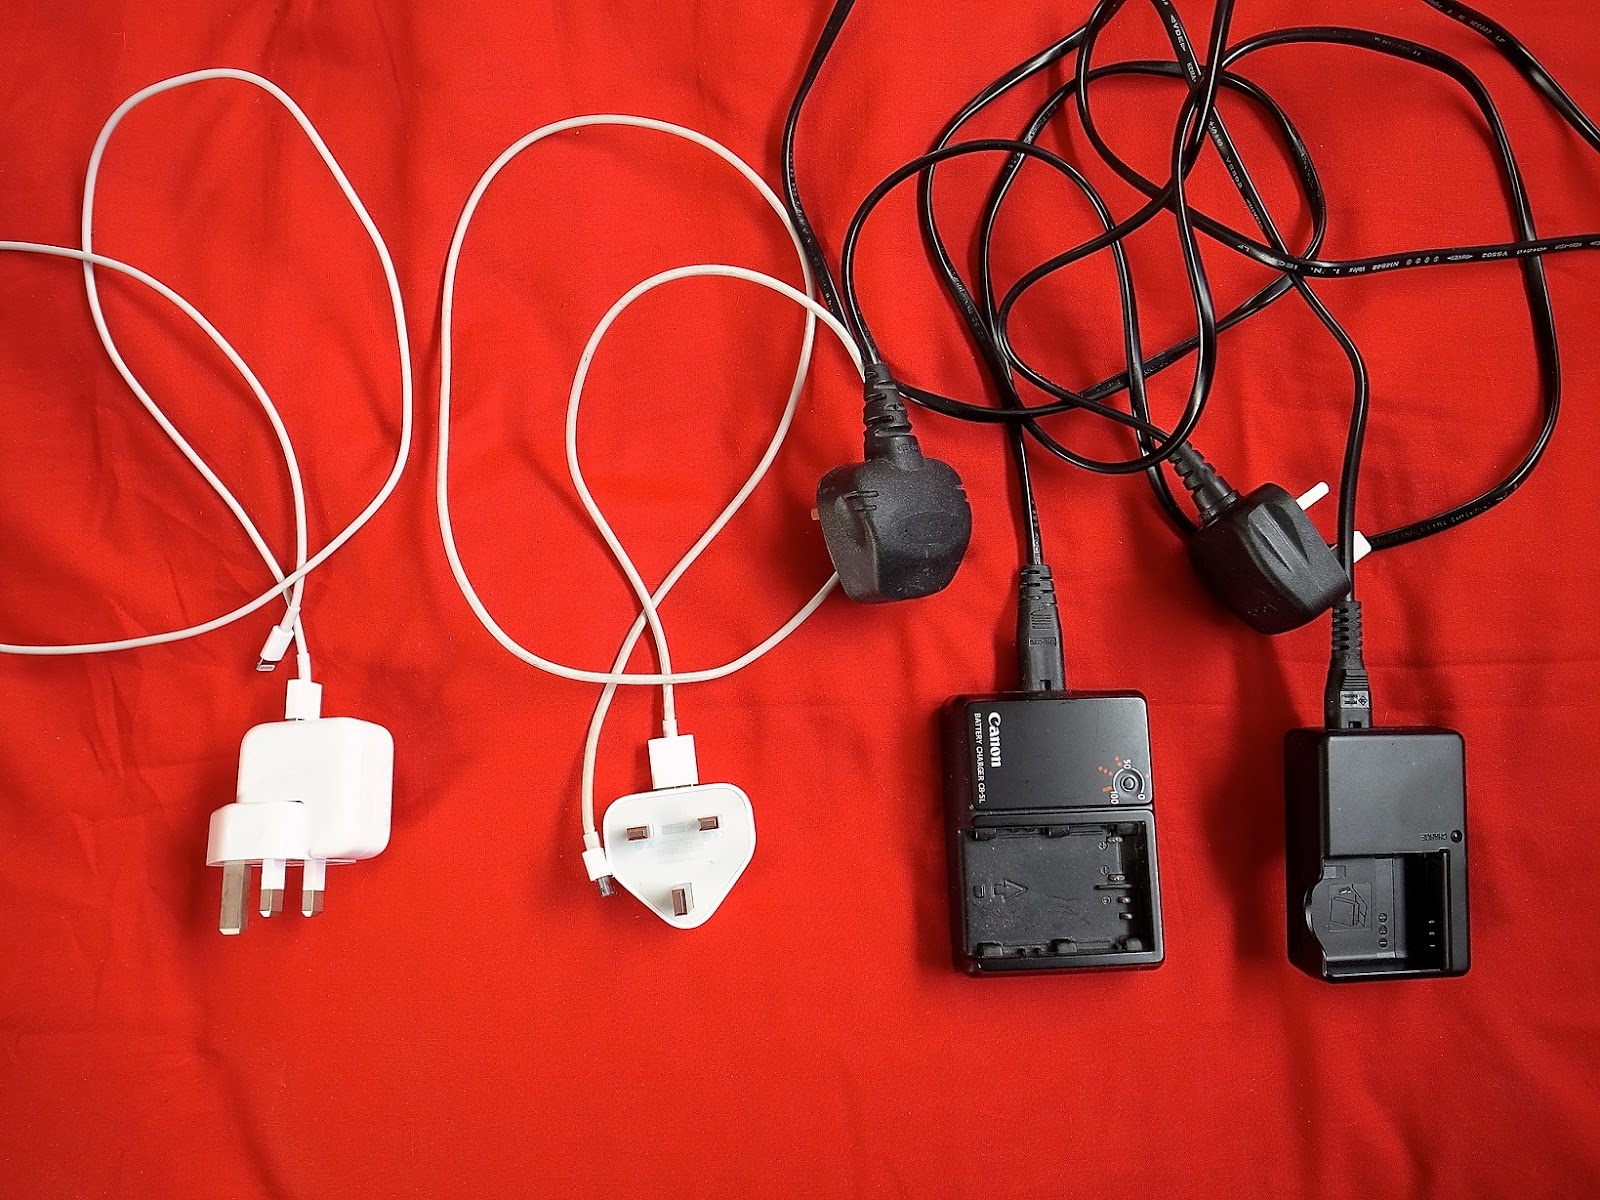 Dicas de viagem para não passar apuross - Proteja seus cabos com algumas molas